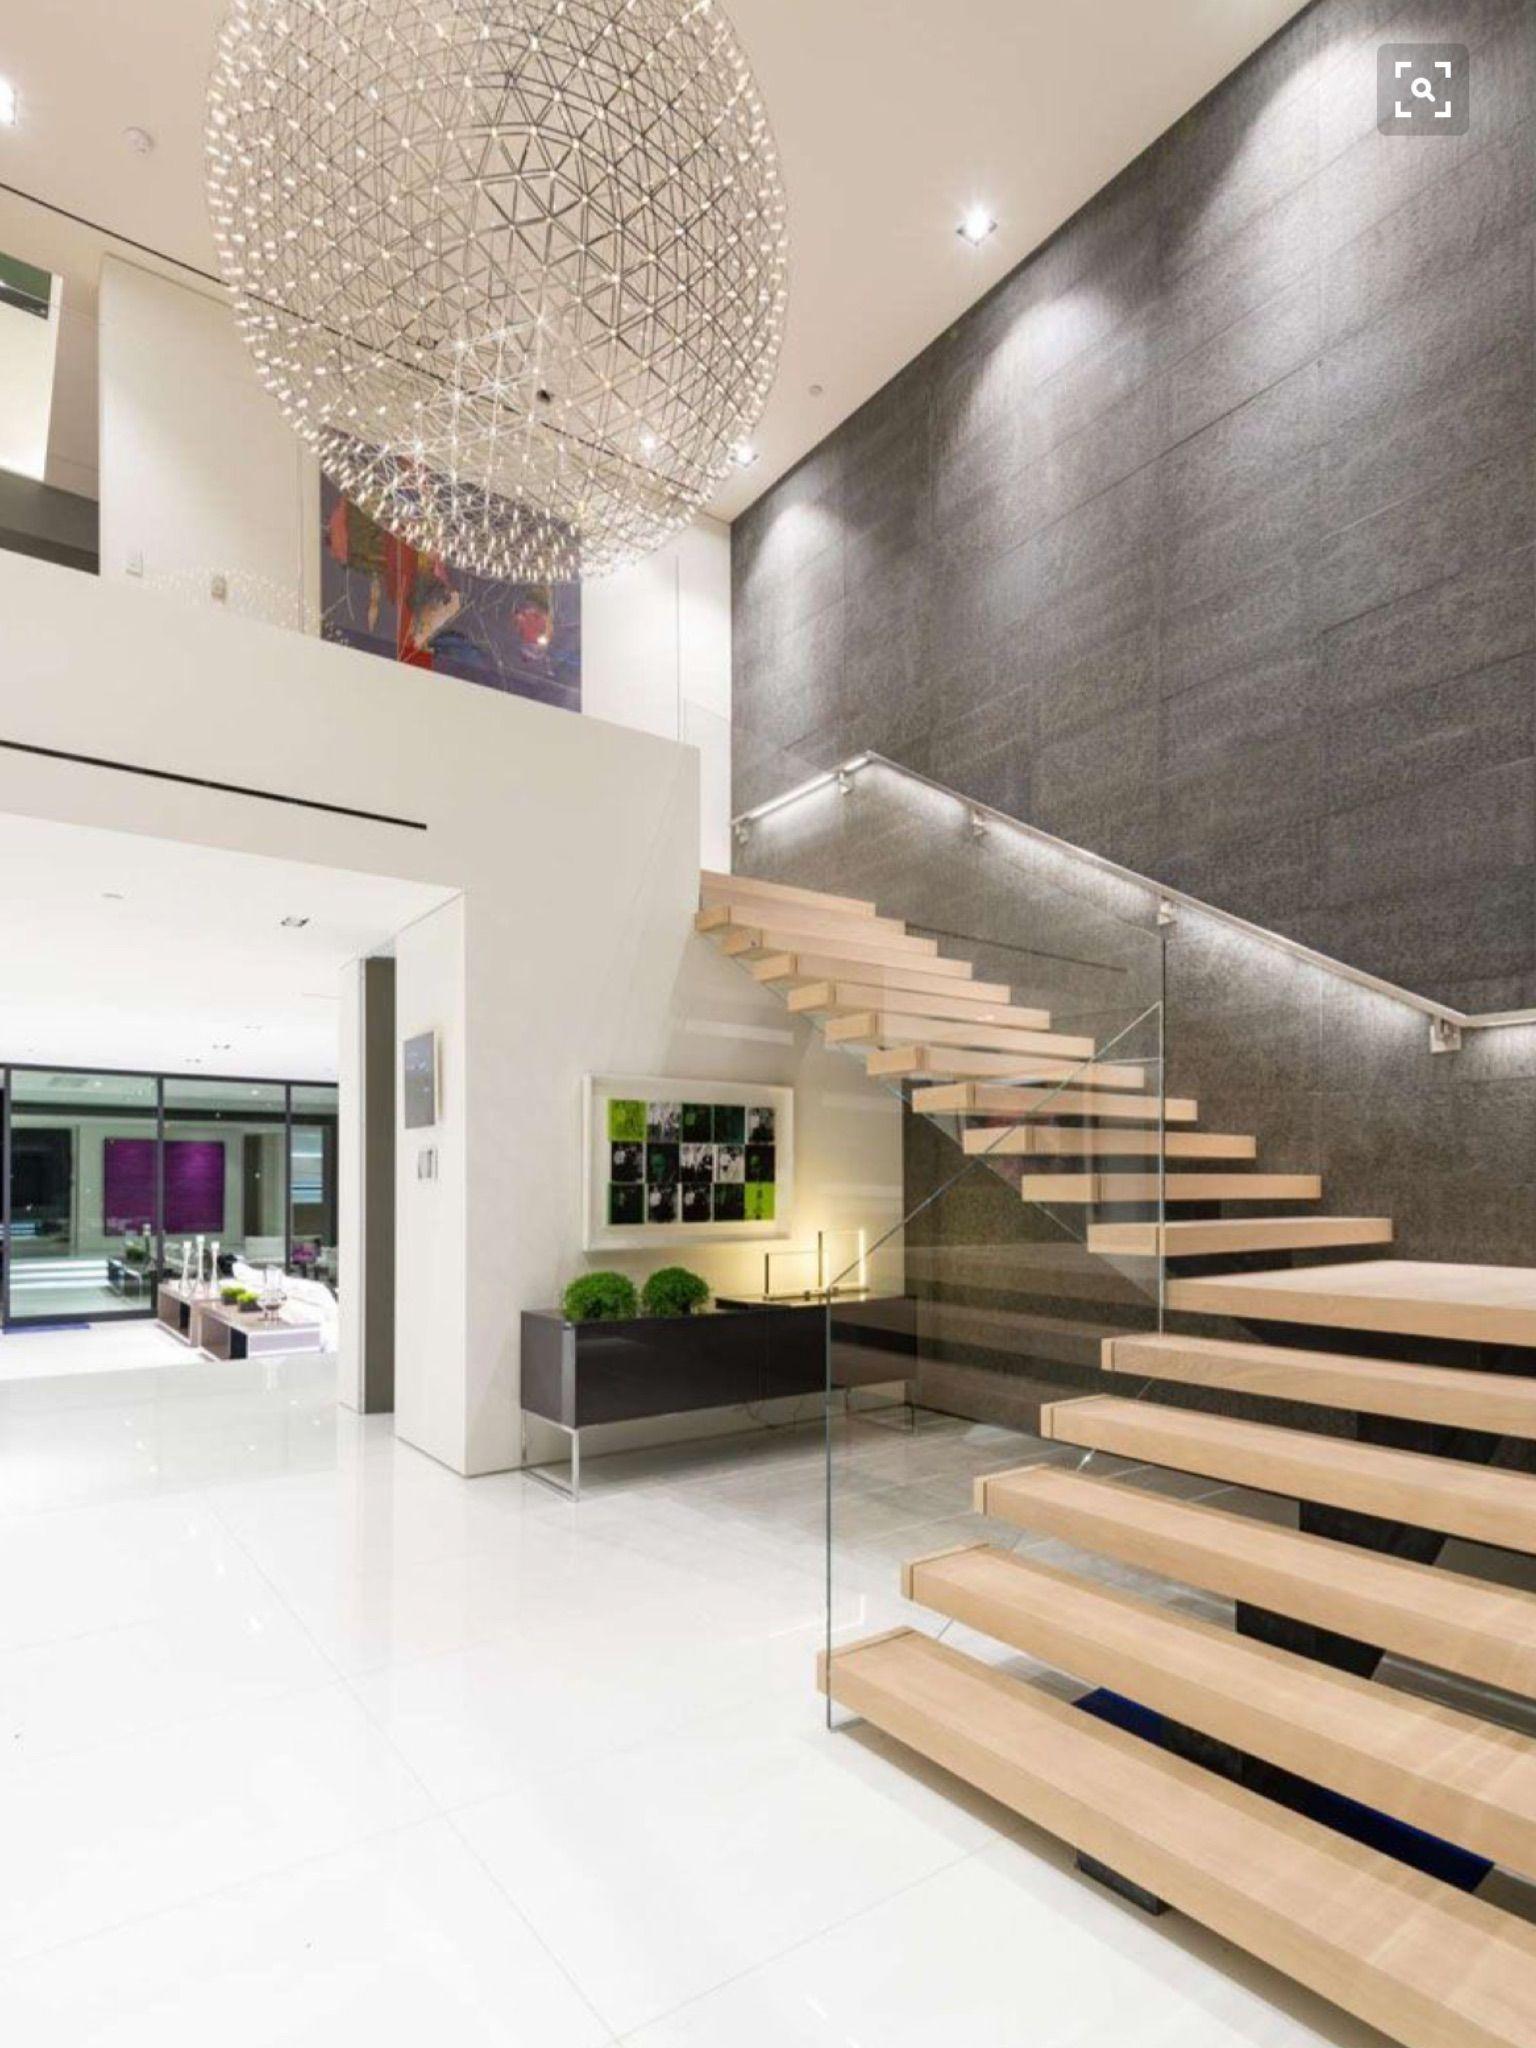 Escalier Interieur Maison Moderne Épinglé par property booking sur stairway to | maison